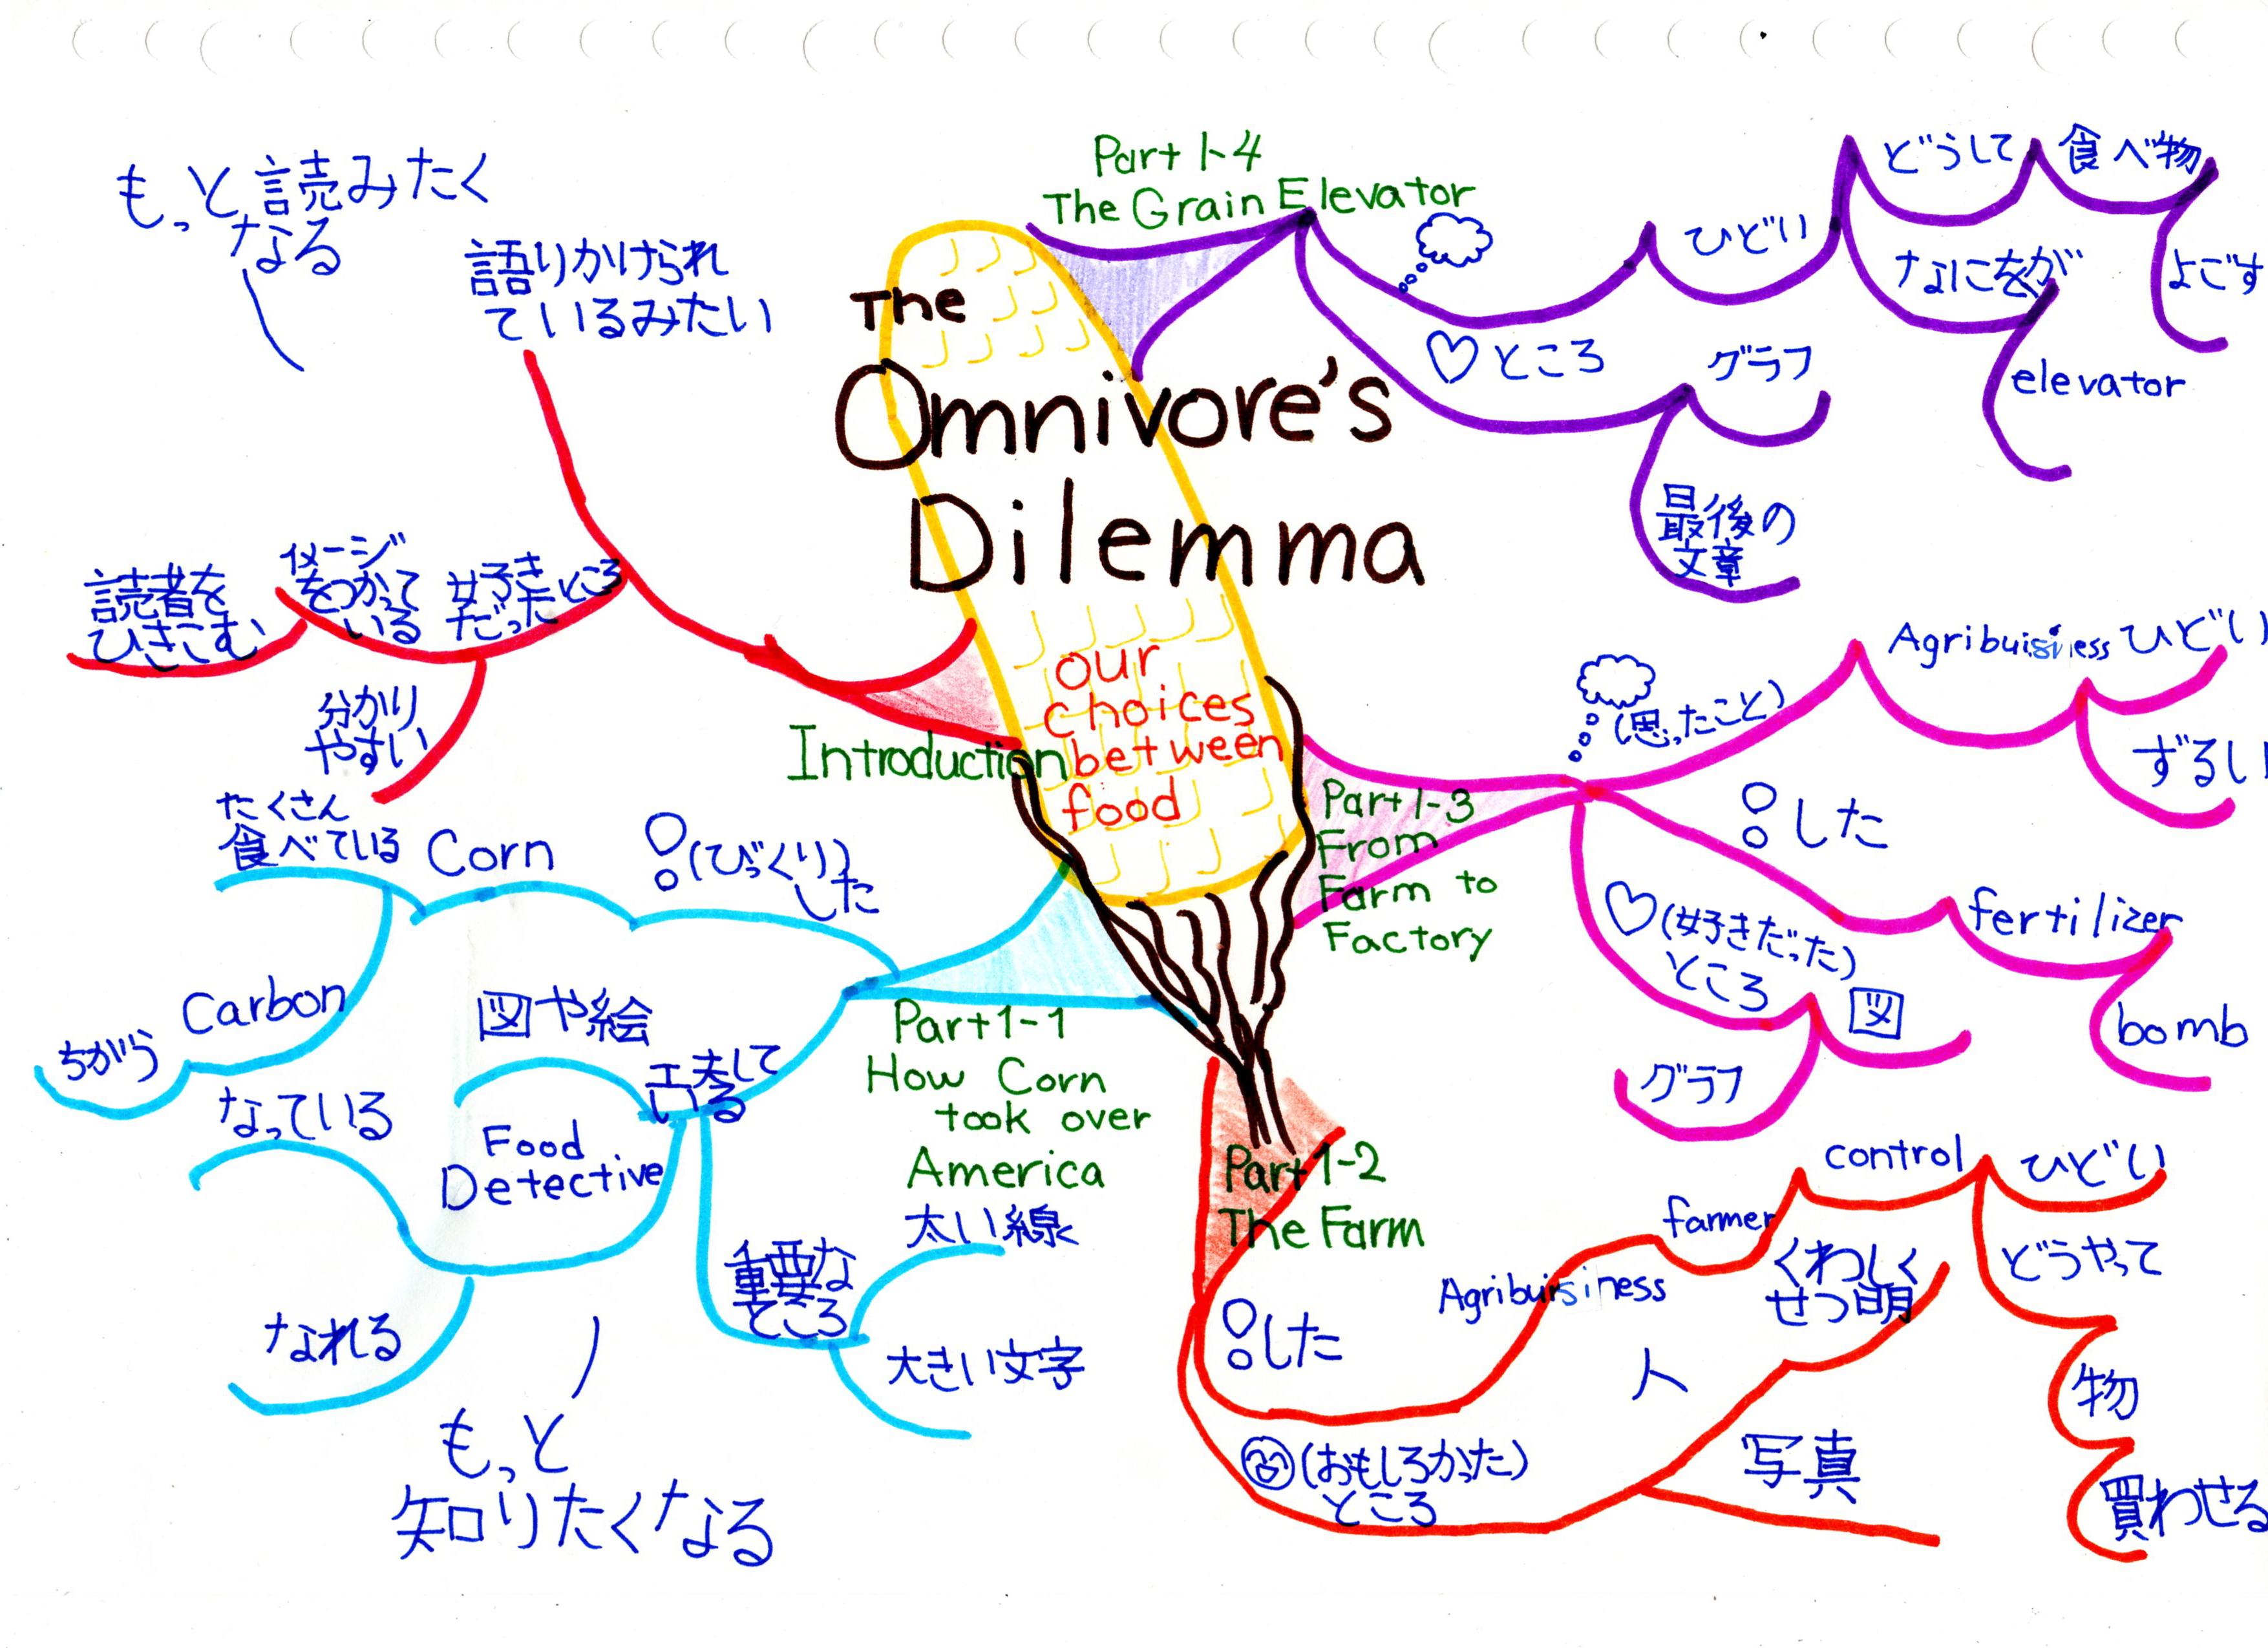 Odmm002